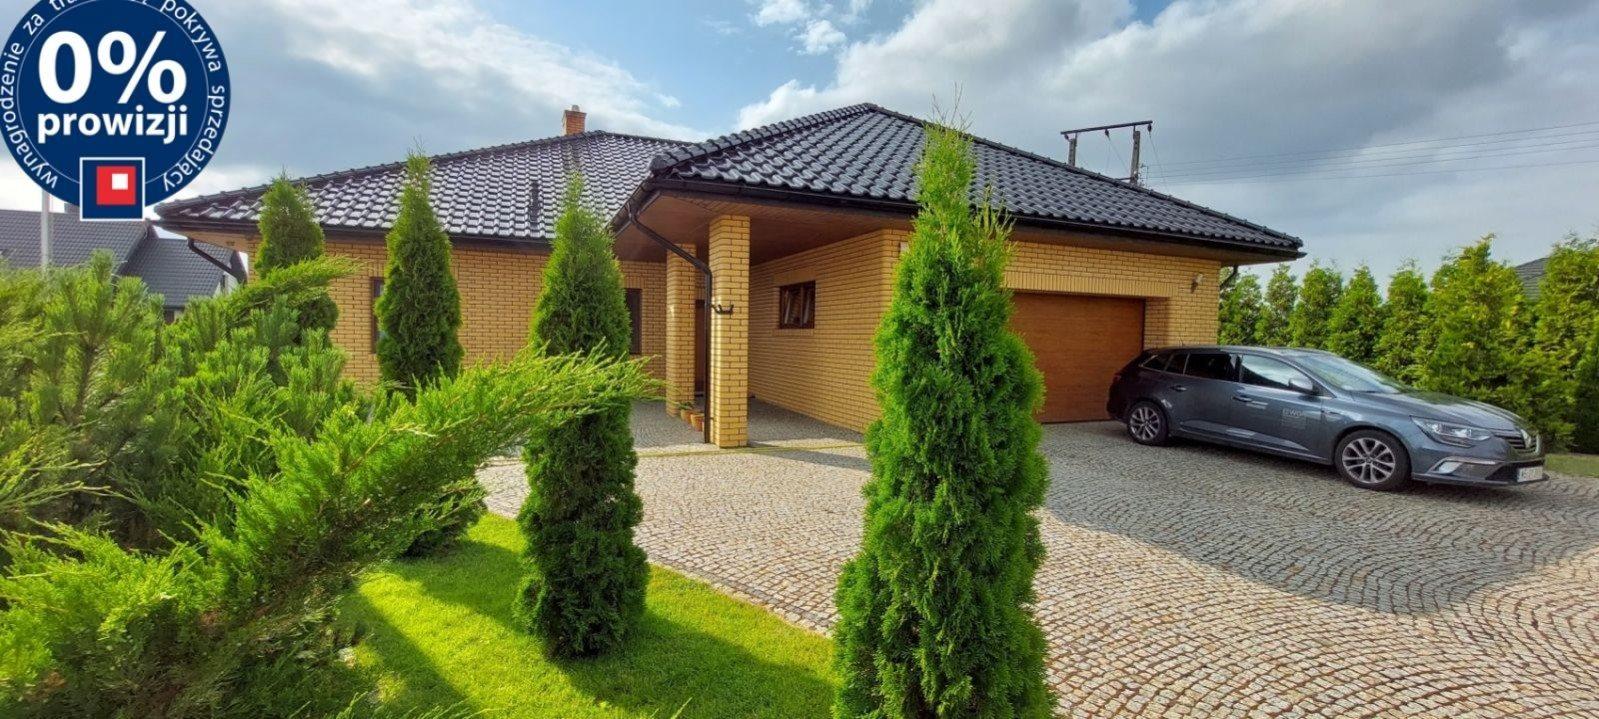 Dom na sprzedaż Piotrków Trybunalski, Piotrków Trybunalski  250m2 Foto 1